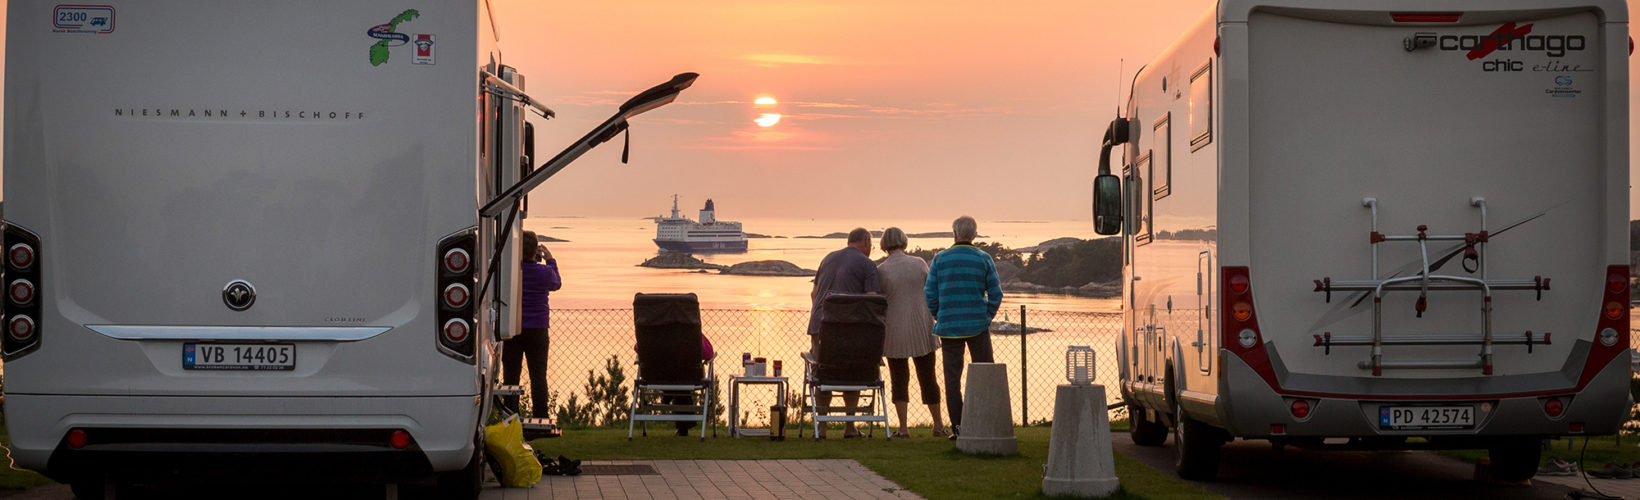 Autocamperpladser og ståpladser i Sverige